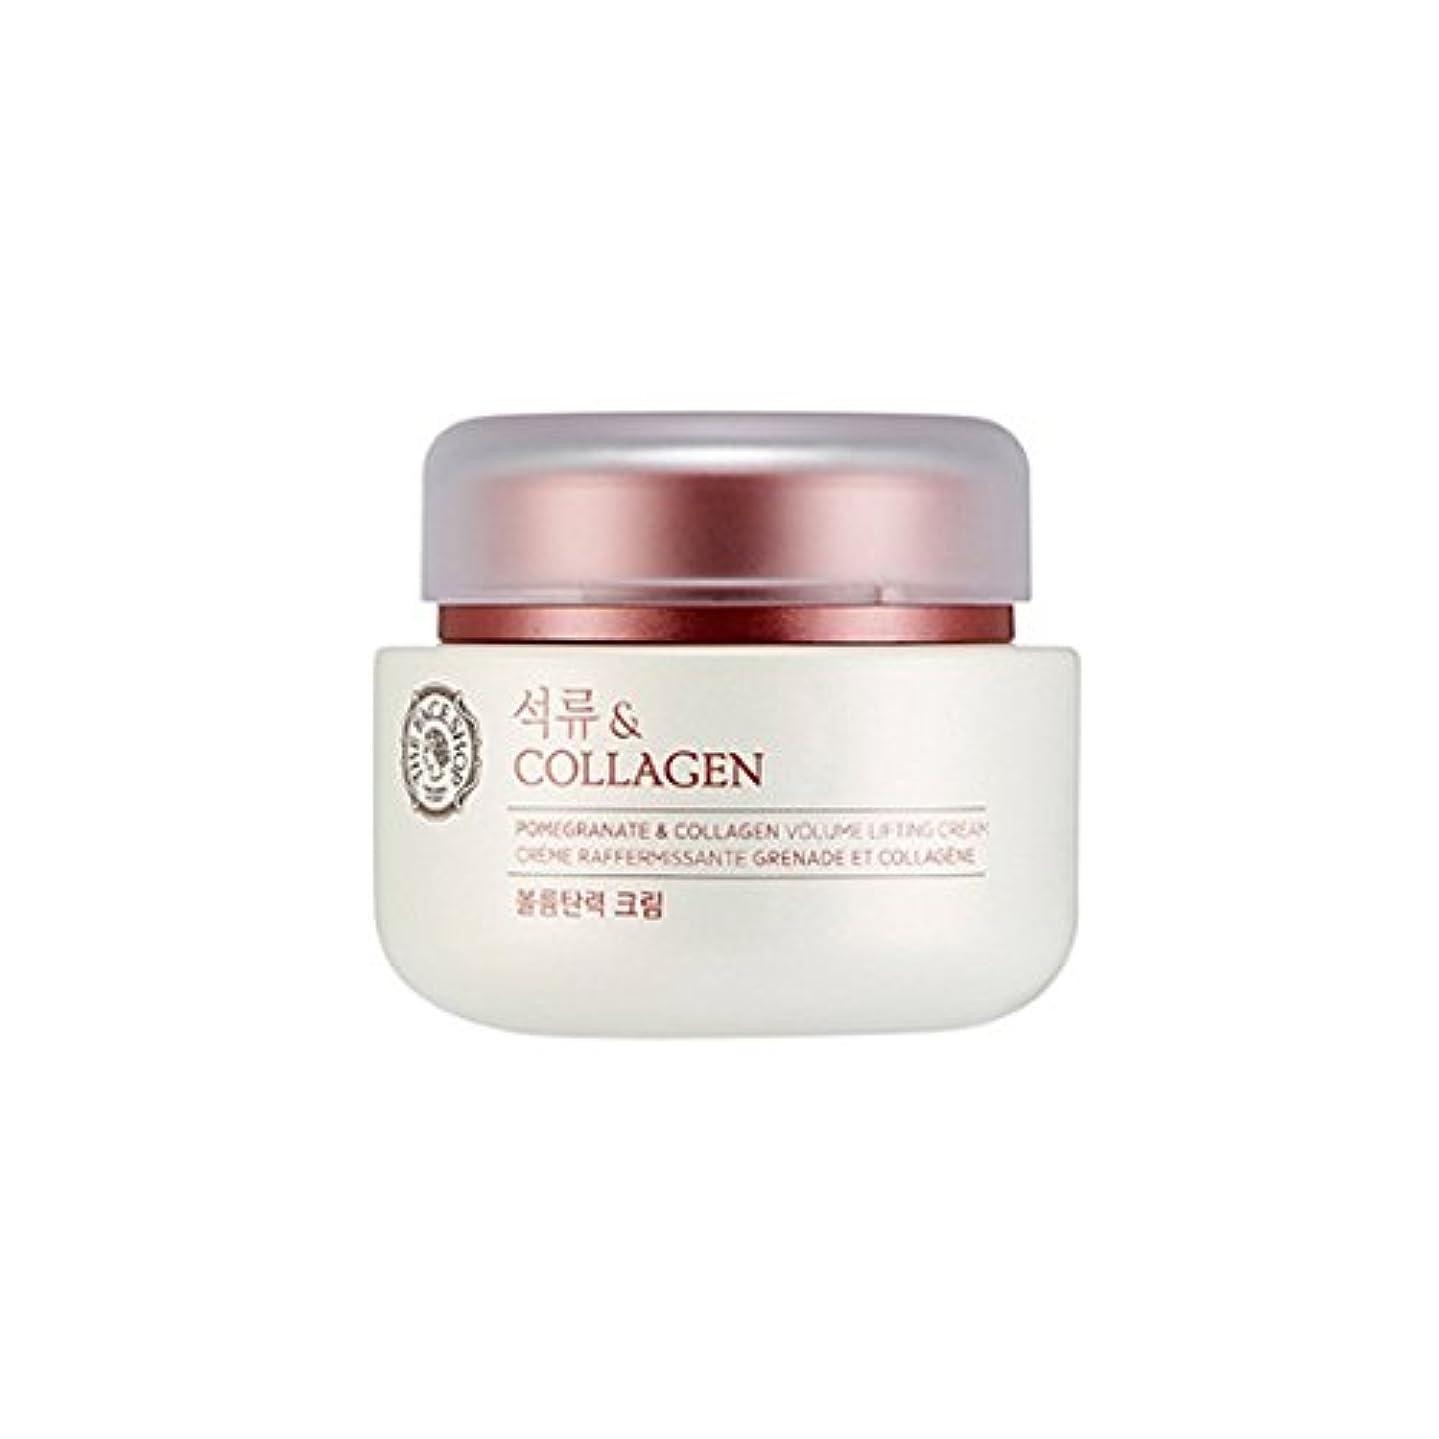 ハンサム遊具成功THE FACE SHOP Pomegranate & Collagen Volume Lifting Cream 100ml/ザフェイスショップ ザクロ アンド コラーゲン ボリューム リフティング クリーム 100ml